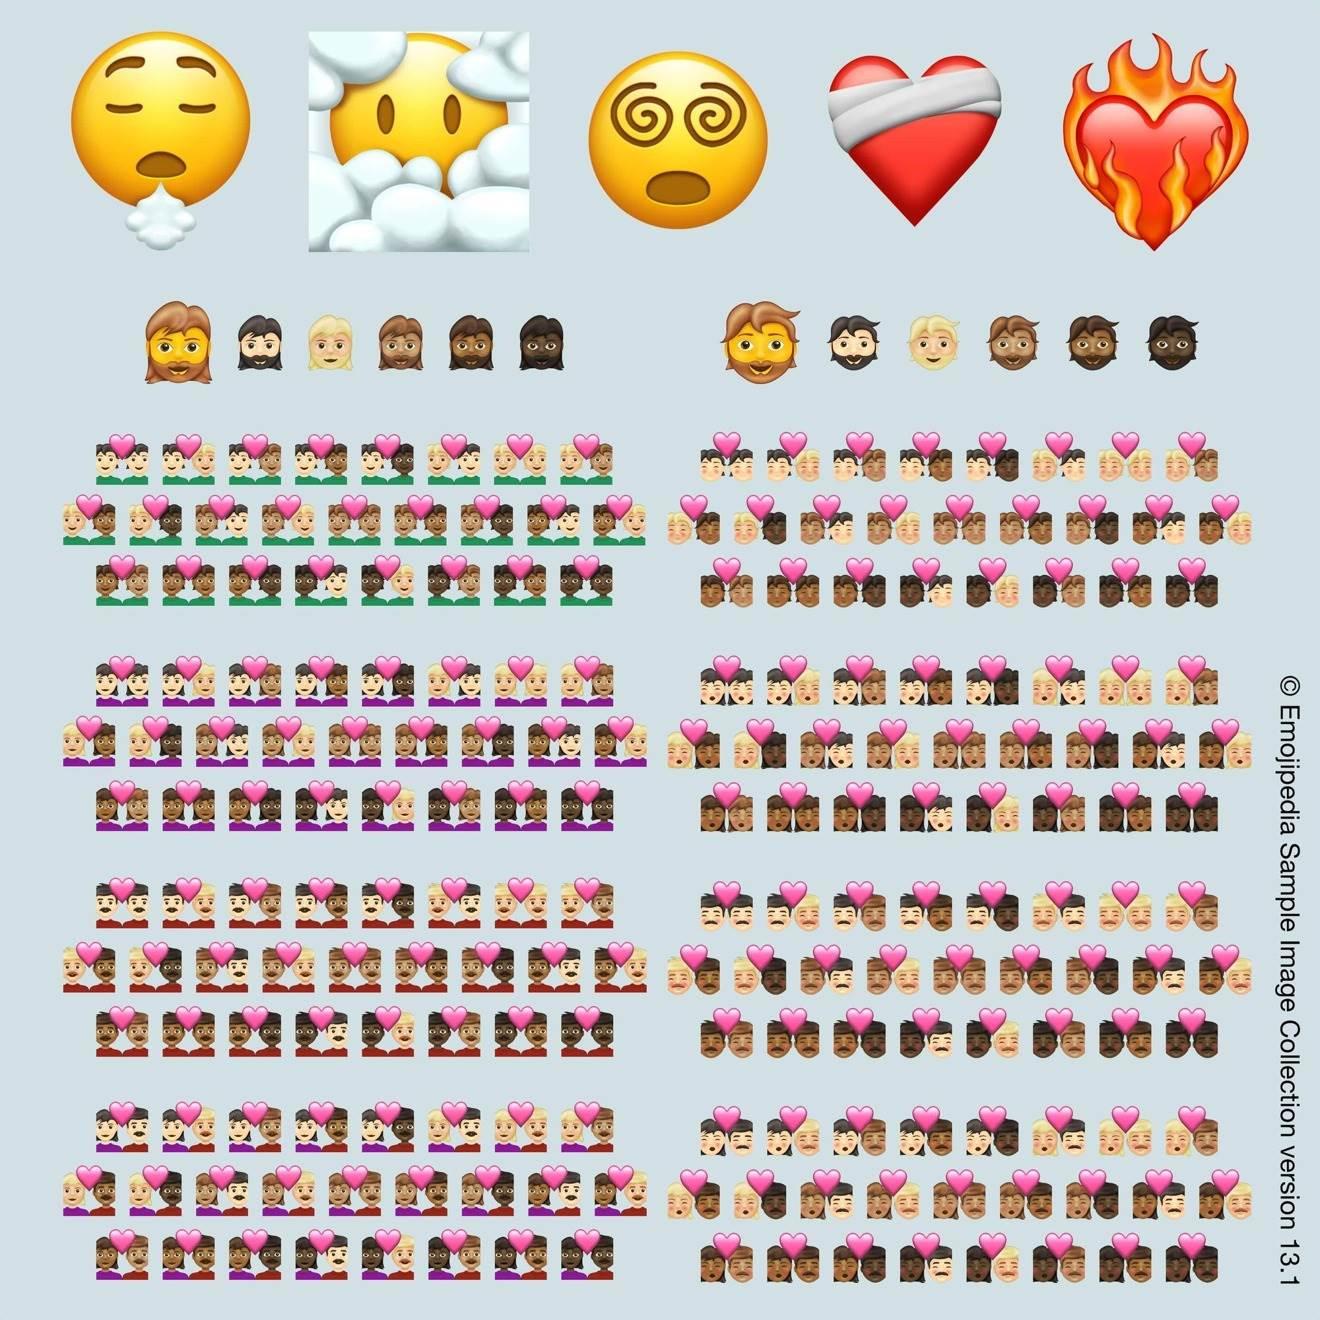 W przyszłorocznym iOS 15 i iPadOS 15 pojawi się 217 nowych emoji polecane, ciekawostki nowe emoji, iPadOS 15, iOS 15, emoji  Konsorcjum Unicode zatwierdziło nowy zestaw emoji, które będą dostępne w przyszłorocznym iOS 15 i iPadOS 15 w iPhone oraz iPad. nowe emoji 2021